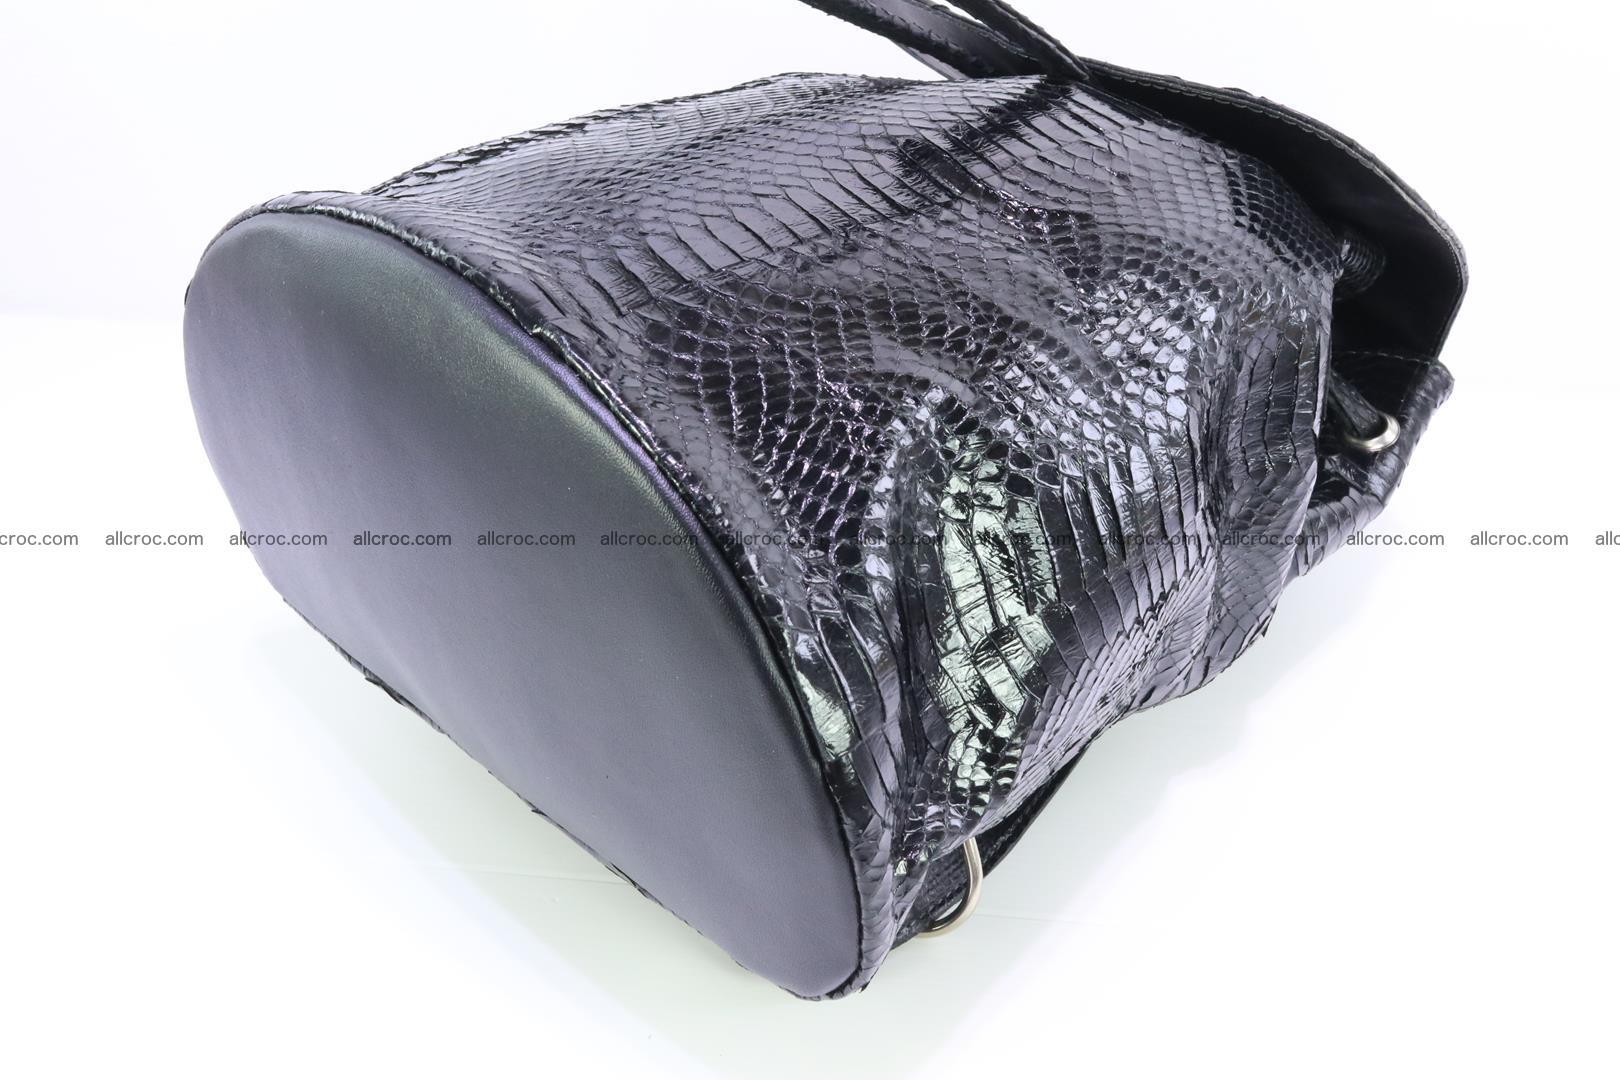 Cobra skin backpack with head of cobra 417 Foto 10